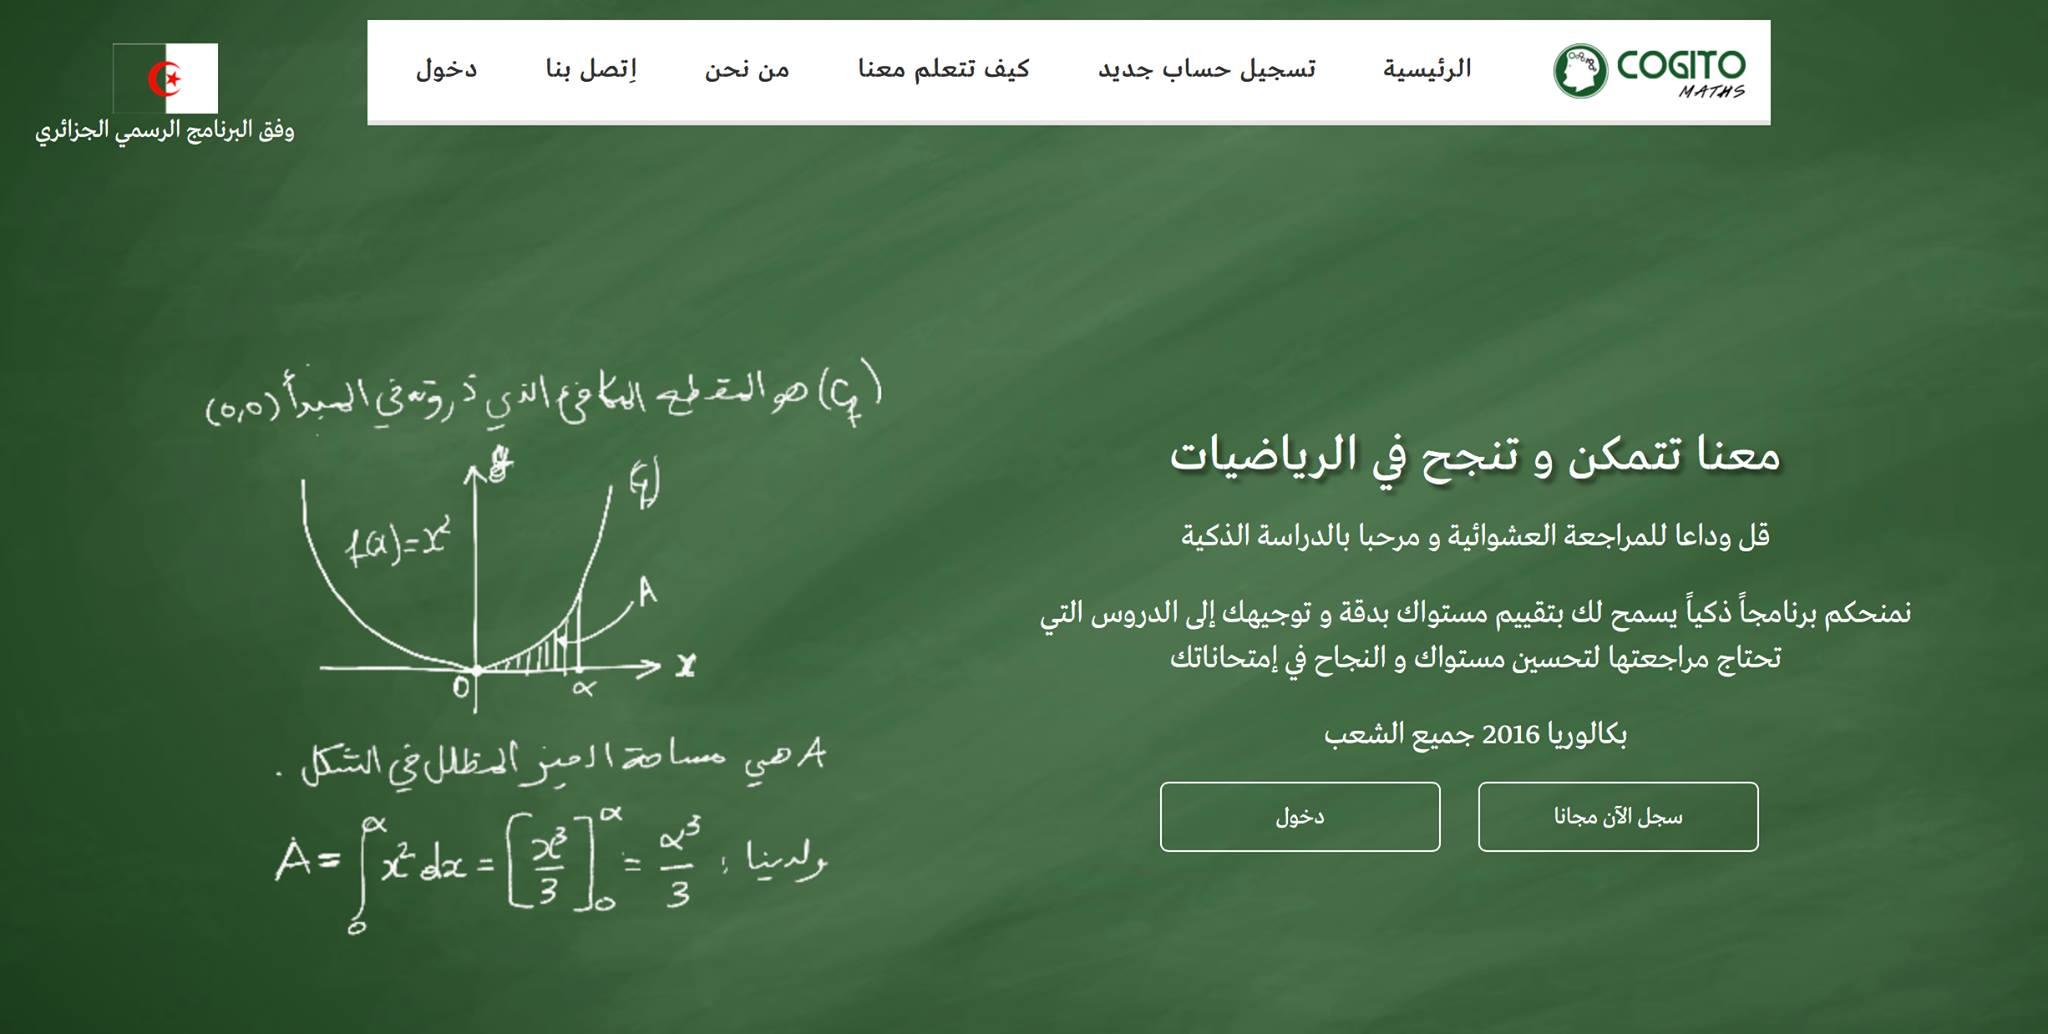 Les étudiants algériens peuvent maintenant apprendre les maths en ligne